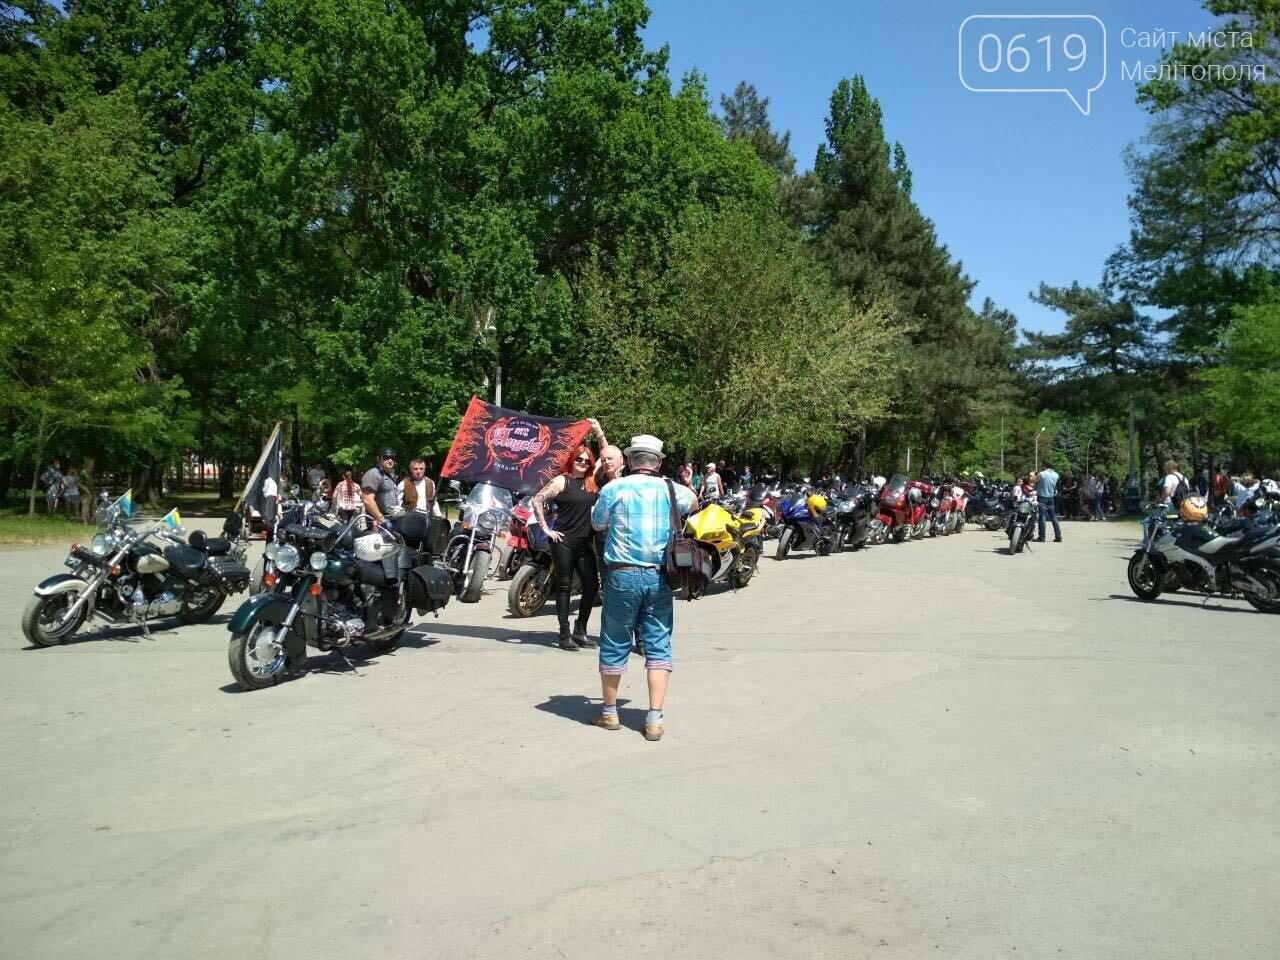 Мелитопольские байкеры открыли новый сезон мотопробегом, фото-2